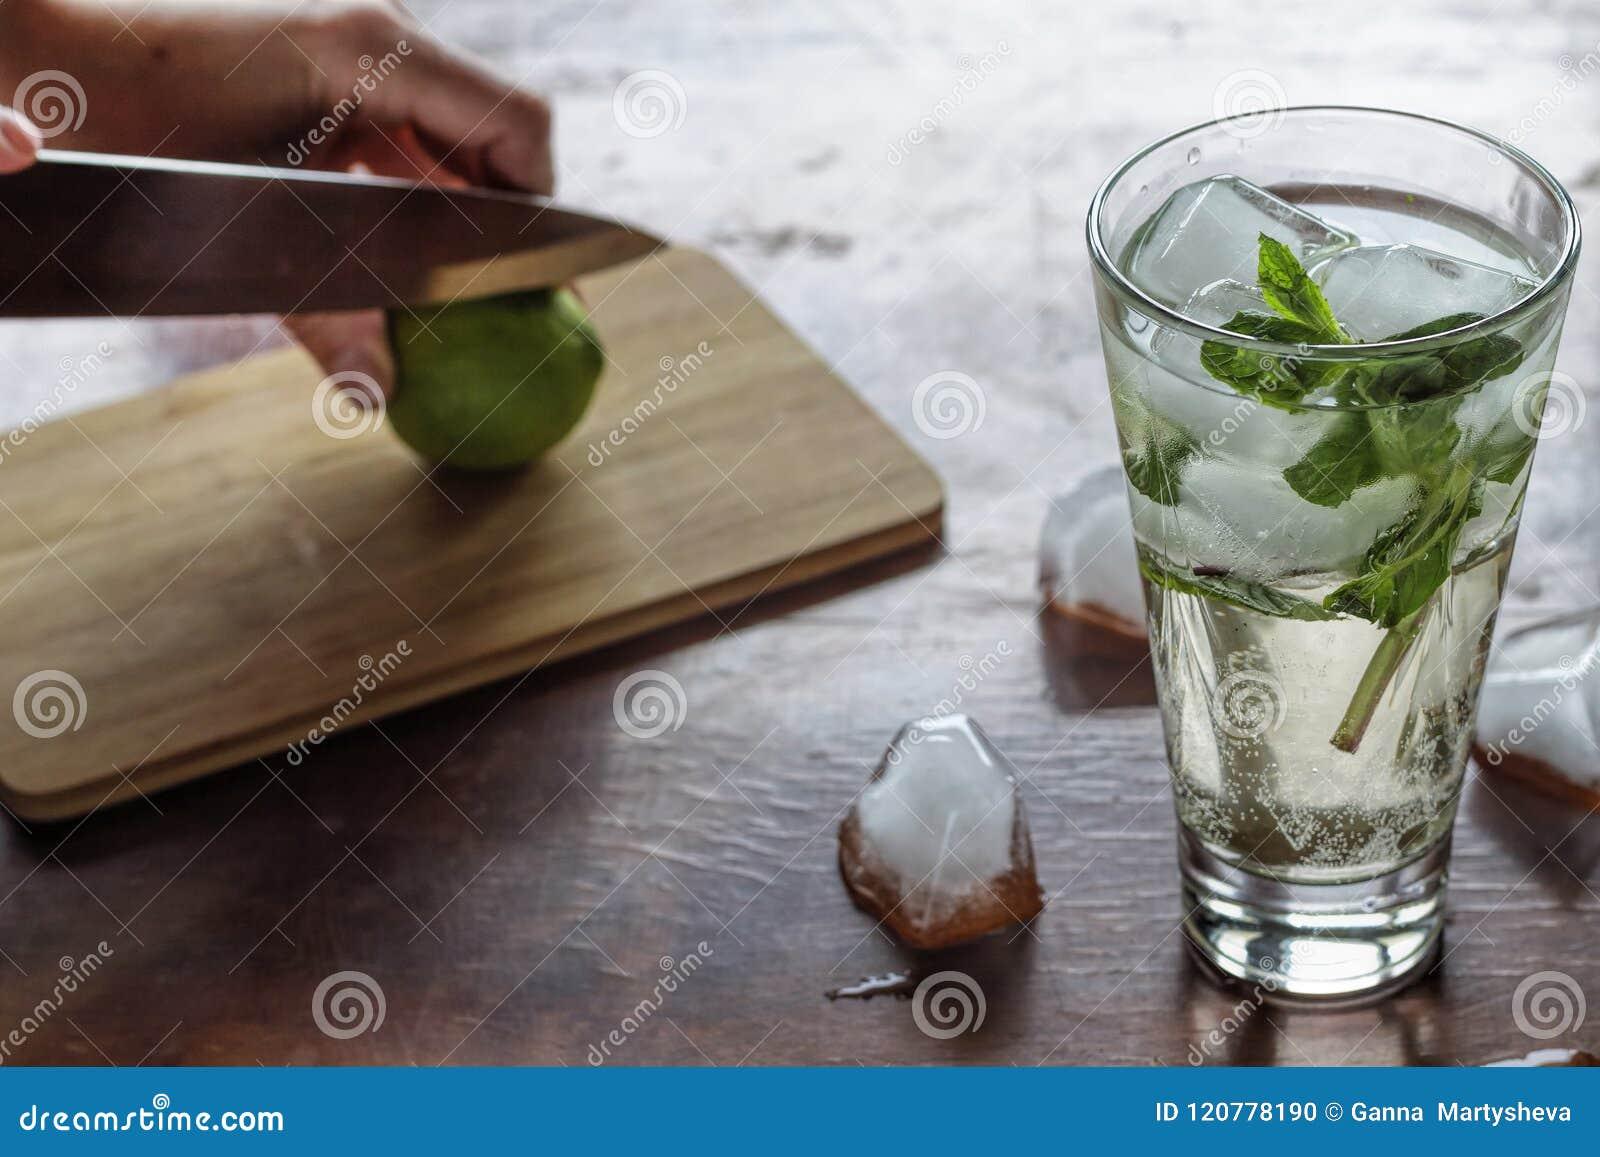 Mojito, kaipirinha, ajerówka, barman, koktajl, bar, napój, alco